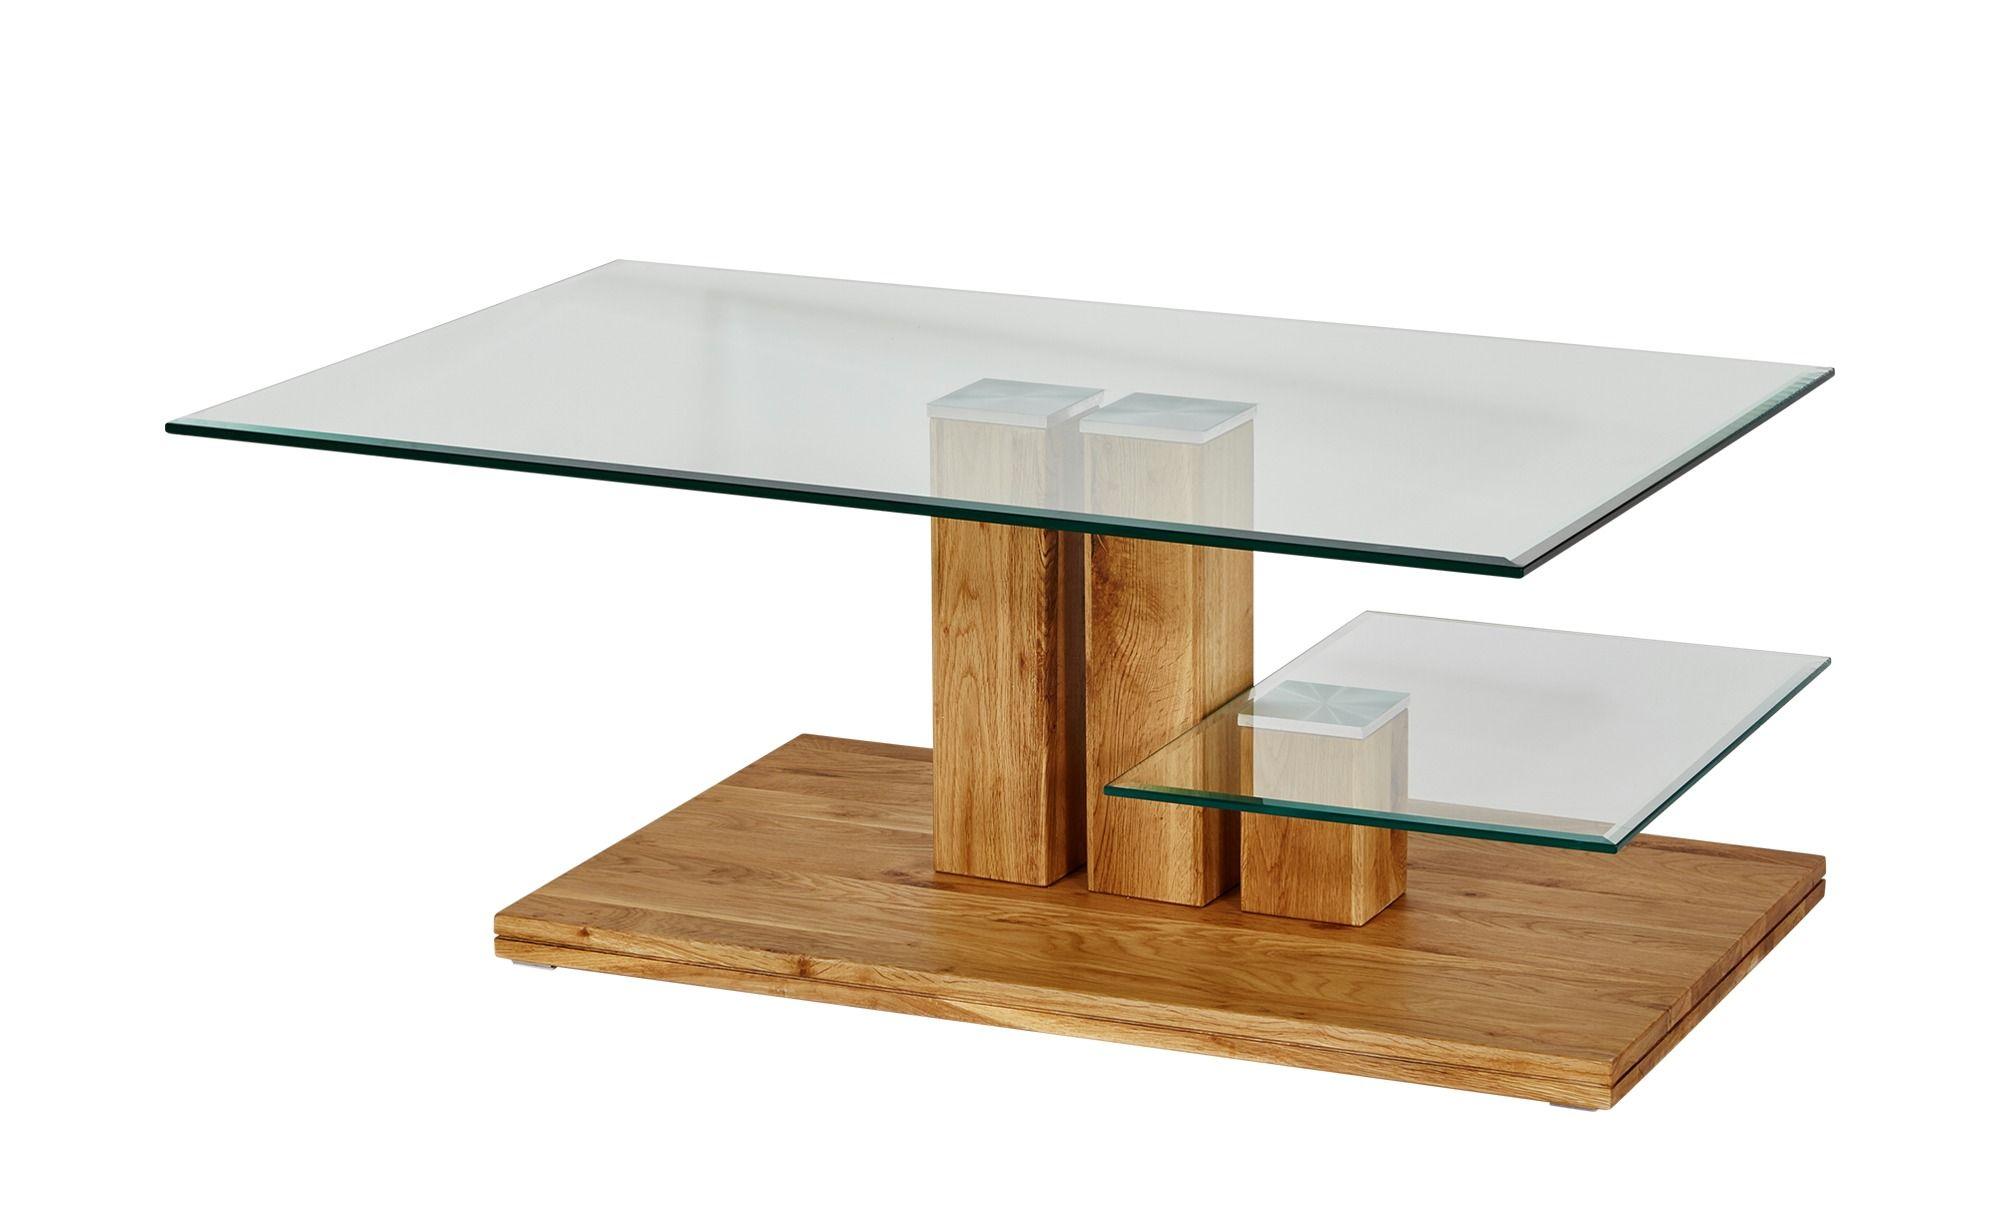 Couchtisch Online Bestellen Beistelltisch Glas Chrom Eckig Glastisch Ausziehbar 140 Couchtisch Glas Holz Massiv Gerande Gl In 2020 Couchtisch Couchtische Tisch